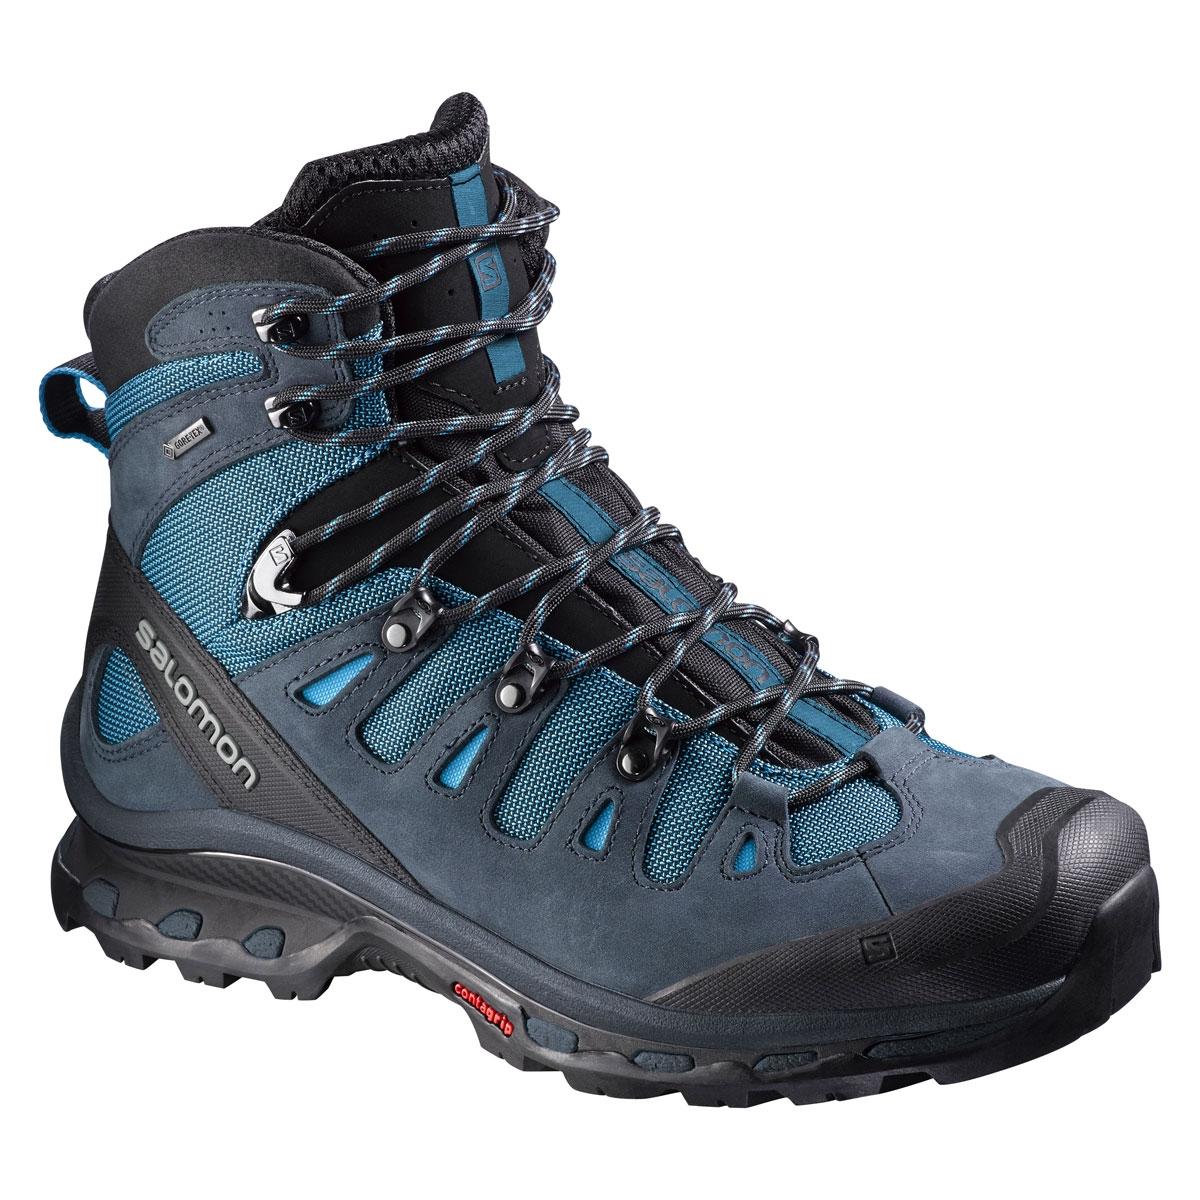 Salomon Quest 4D 2 GTX Walking Boots (Men's)